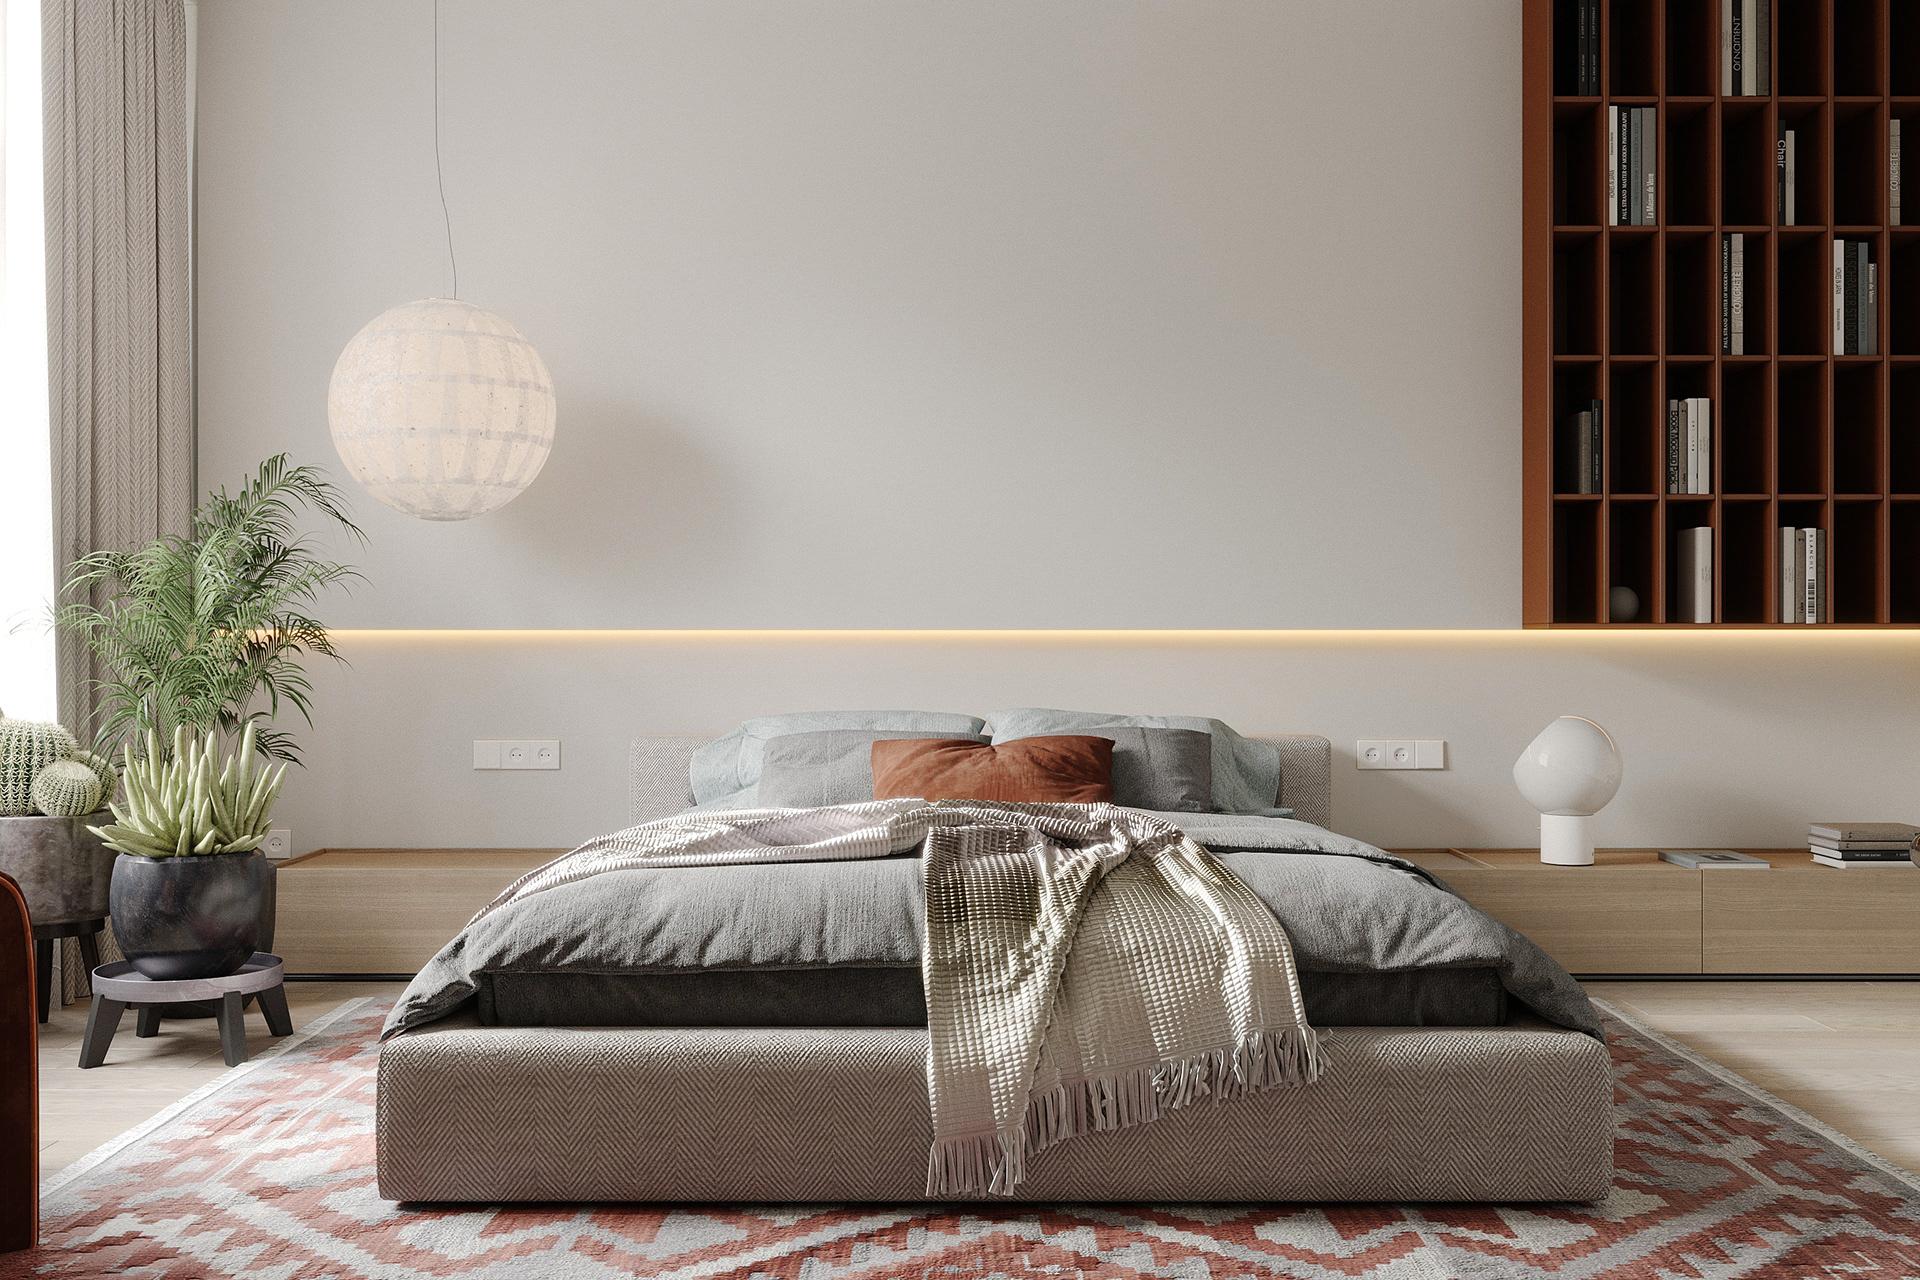 Kiến trúc sư tư vấn thiết kế căn hộ 76m² 2 phòng ngủ với chi phí tiết kiệm chỉ 189 triệu - Ảnh 8.